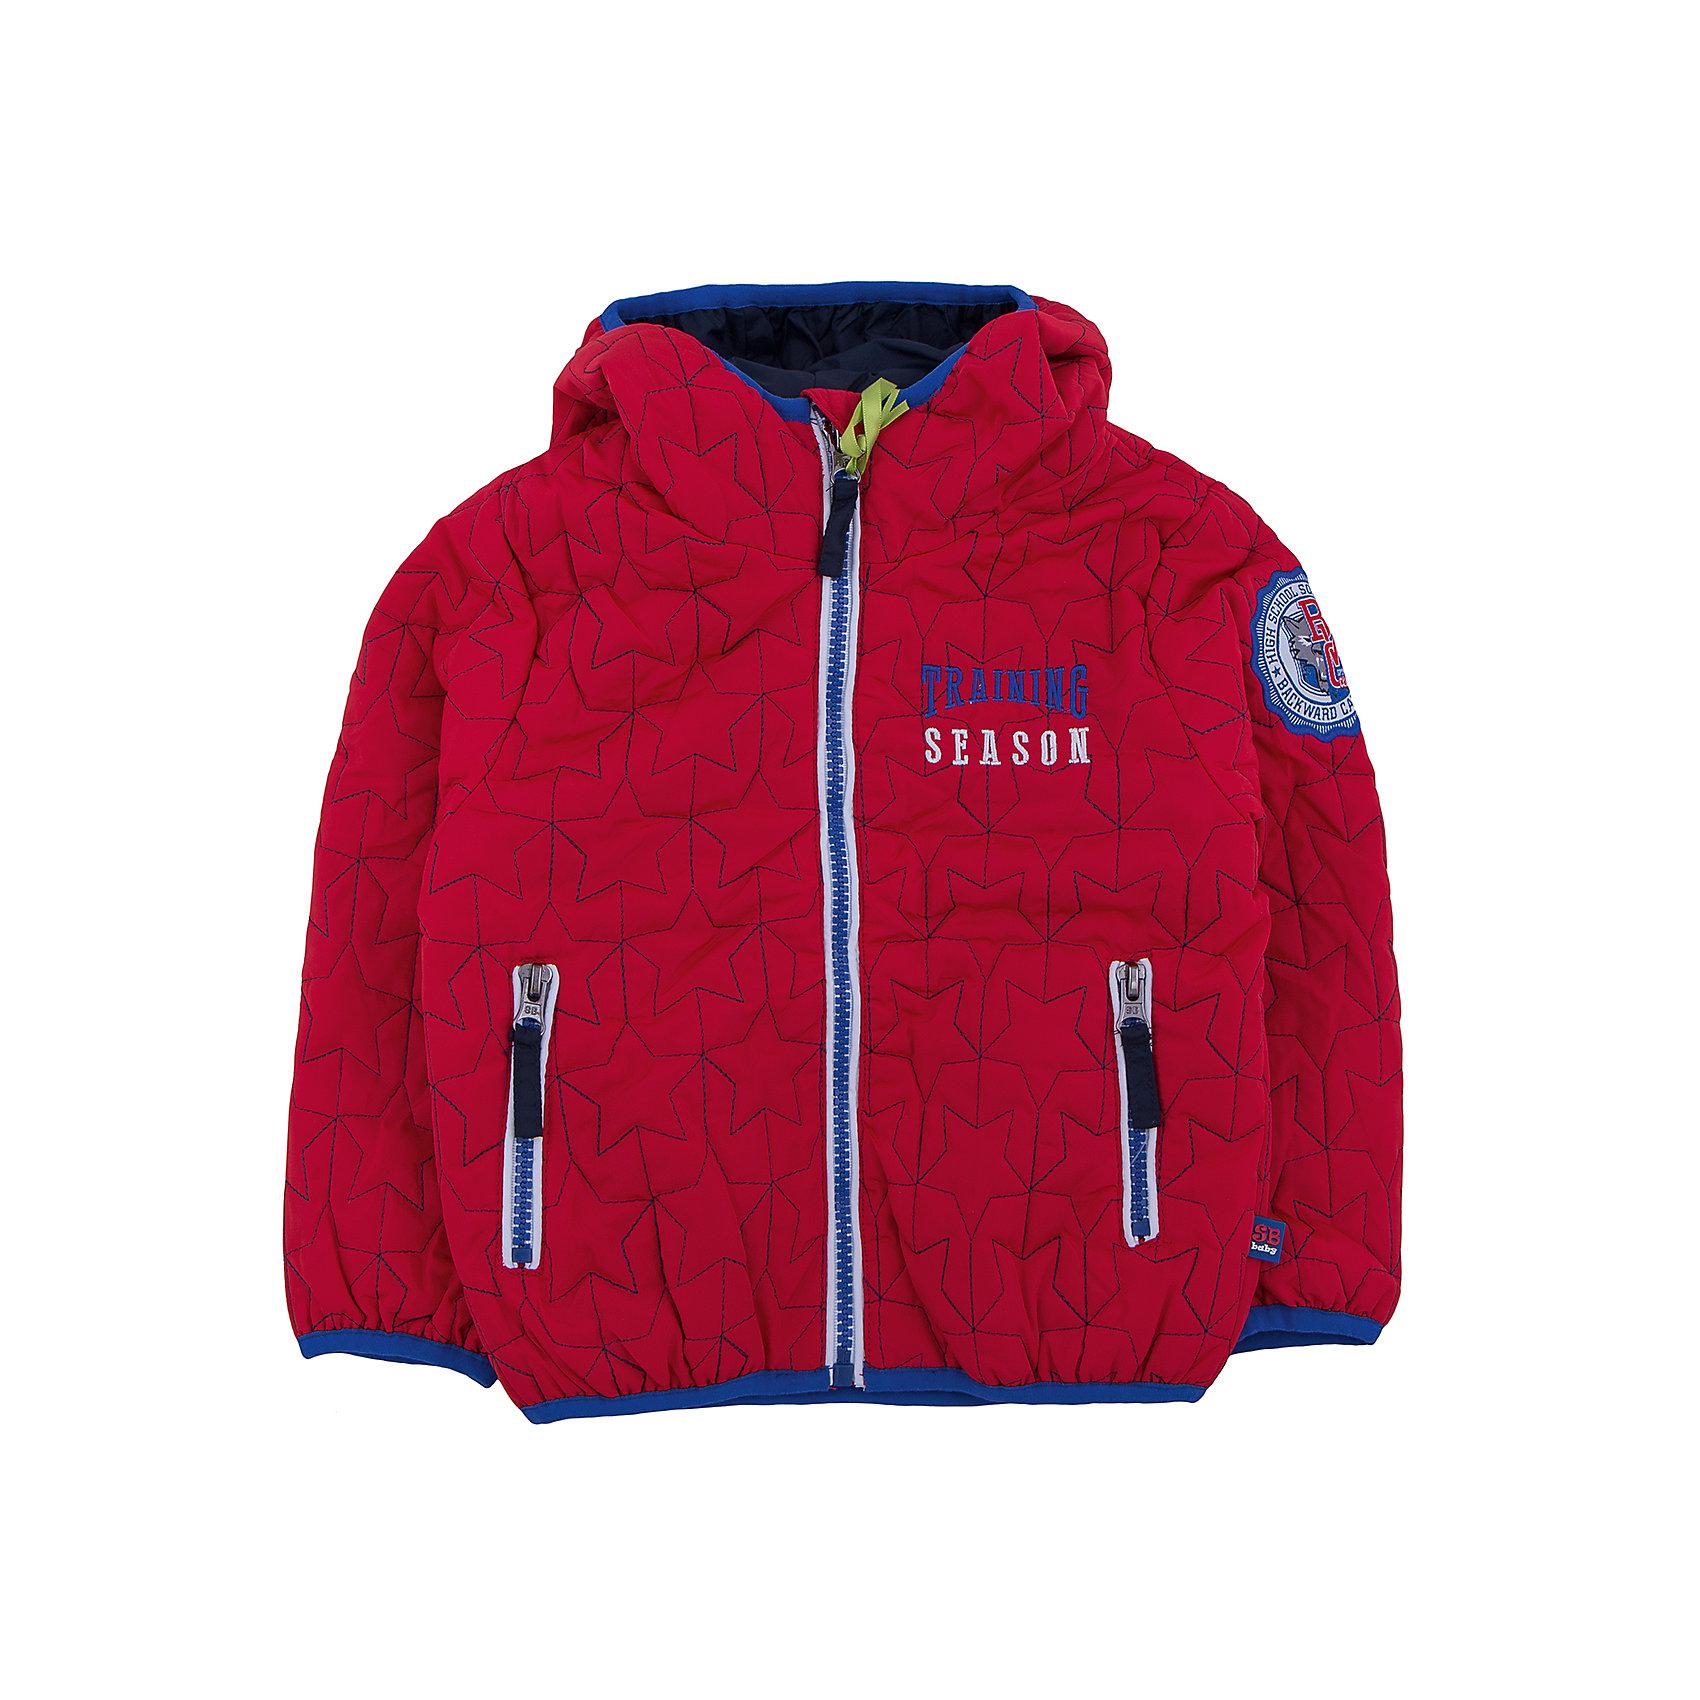 Куртка для мальчика Sweet BerryВерхняя одежда<br>Куртка красная для мальчика.<br><br>Температурный режим: до -5 градусов. Степень утепления – низкая. <br><br>* Температурный режим указан приблизительно — необходимо, прежде всего, ориентироваться на ощущения ребенка. Температурный режим работает в случае соблюдения правила многослойности – использования флисовой поддевы и термобелья.<br><br>Такая модель куртки для мальчика отличается модным дизайном. Удачный крой обеспечит ребенку комфорт и тепло. Флисовая подкладка делает вещь идеальной для прохладной погоды. Она плотно прилегает к телу там, где нужно, и отлично сидит по фигуре. Декорирована модель вышивкой на груди и модной нашивкой.<br>Одежда от бренда Sweet Berry - это простой и выгодный способ одеть ребенка удобно и стильно. Всё изделия тщательно проработаны: швы - прочные, материал - качественный, фурнитура - подобранная специально для детей. <br><br>Дополнительная информация:<br><br>цвет: красный;<br>капюшон;<br>материал: верх, подкладка, наполнитель - 100% полиэстер;<br>застежка: молния;<br>карманы на молнии.<br><br>Куртку для мальчика от бренда Sweet Berry можно купить в нашем интернет-магазине.<br><br>Ширина мм: 356<br>Глубина мм: 10<br>Высота мм: 245<br>Вес г: 519<br>Цвет: красный<br>Возраст от месяцев: 12<br>Возраст до месяцев: 18<br>Пол: Мужской<br>Возраст: Детский<br>Размер: 86,92,98,80<br>SKU: 4929922